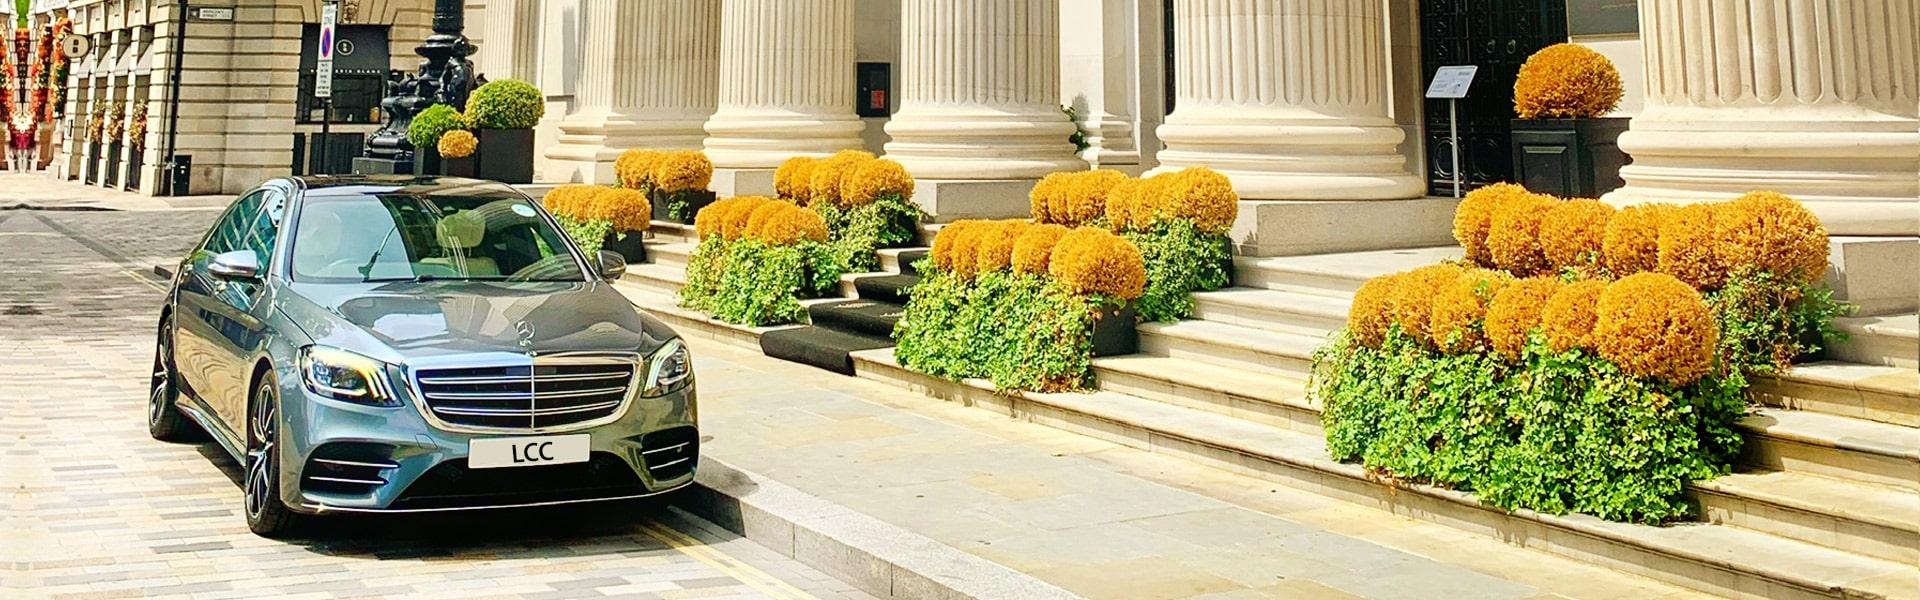 london-chauffeur-mercedes-s-class